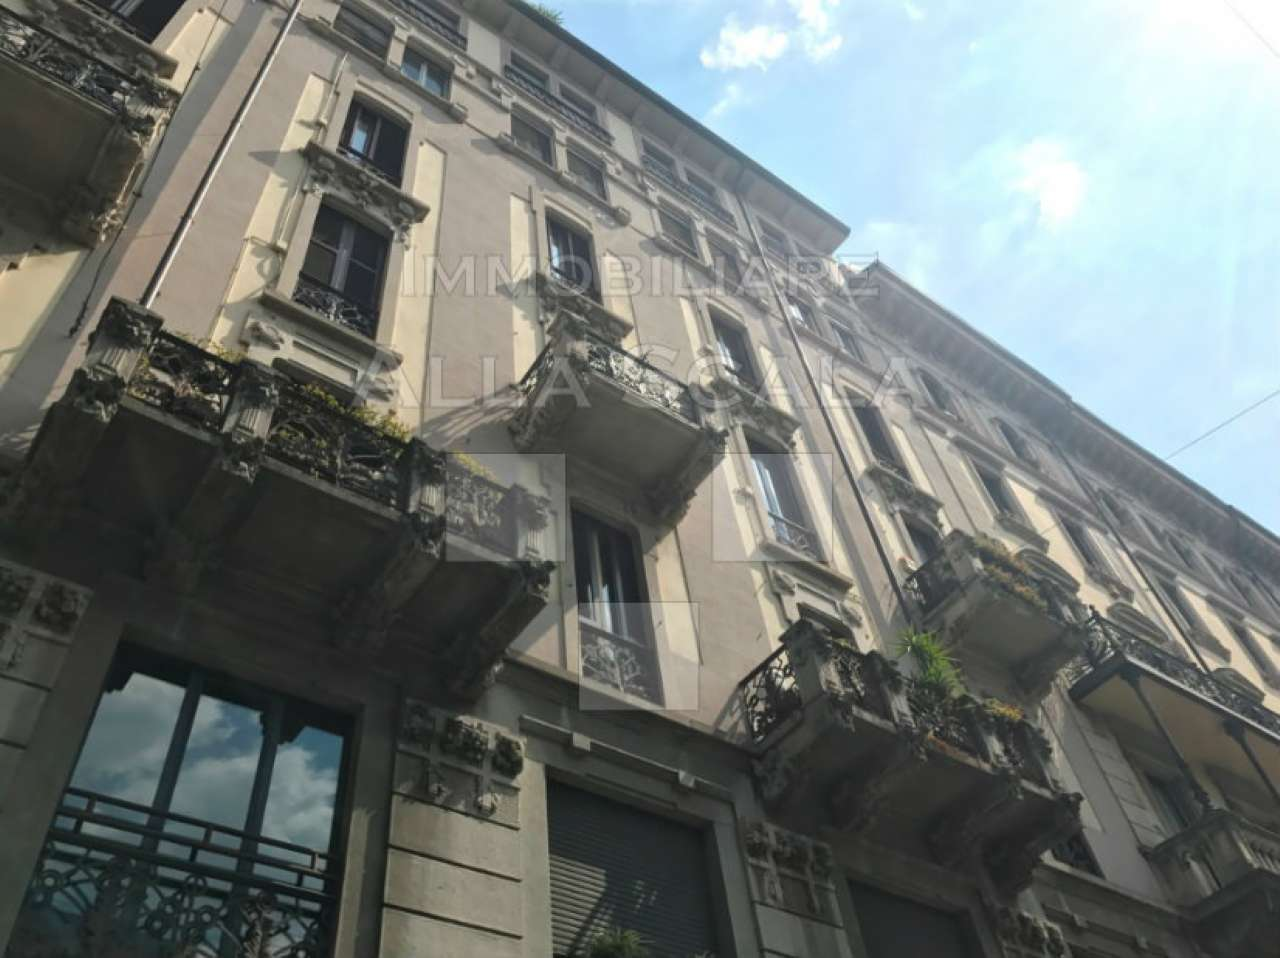 Appartamento in vendita a Milano, 4 locali, zona Zona: 4 . Buenos Aires, Indipendenza, P.ta Venezia, Regina Giovanna, Dateo, prezzo € 545.000   CambioCasa.it